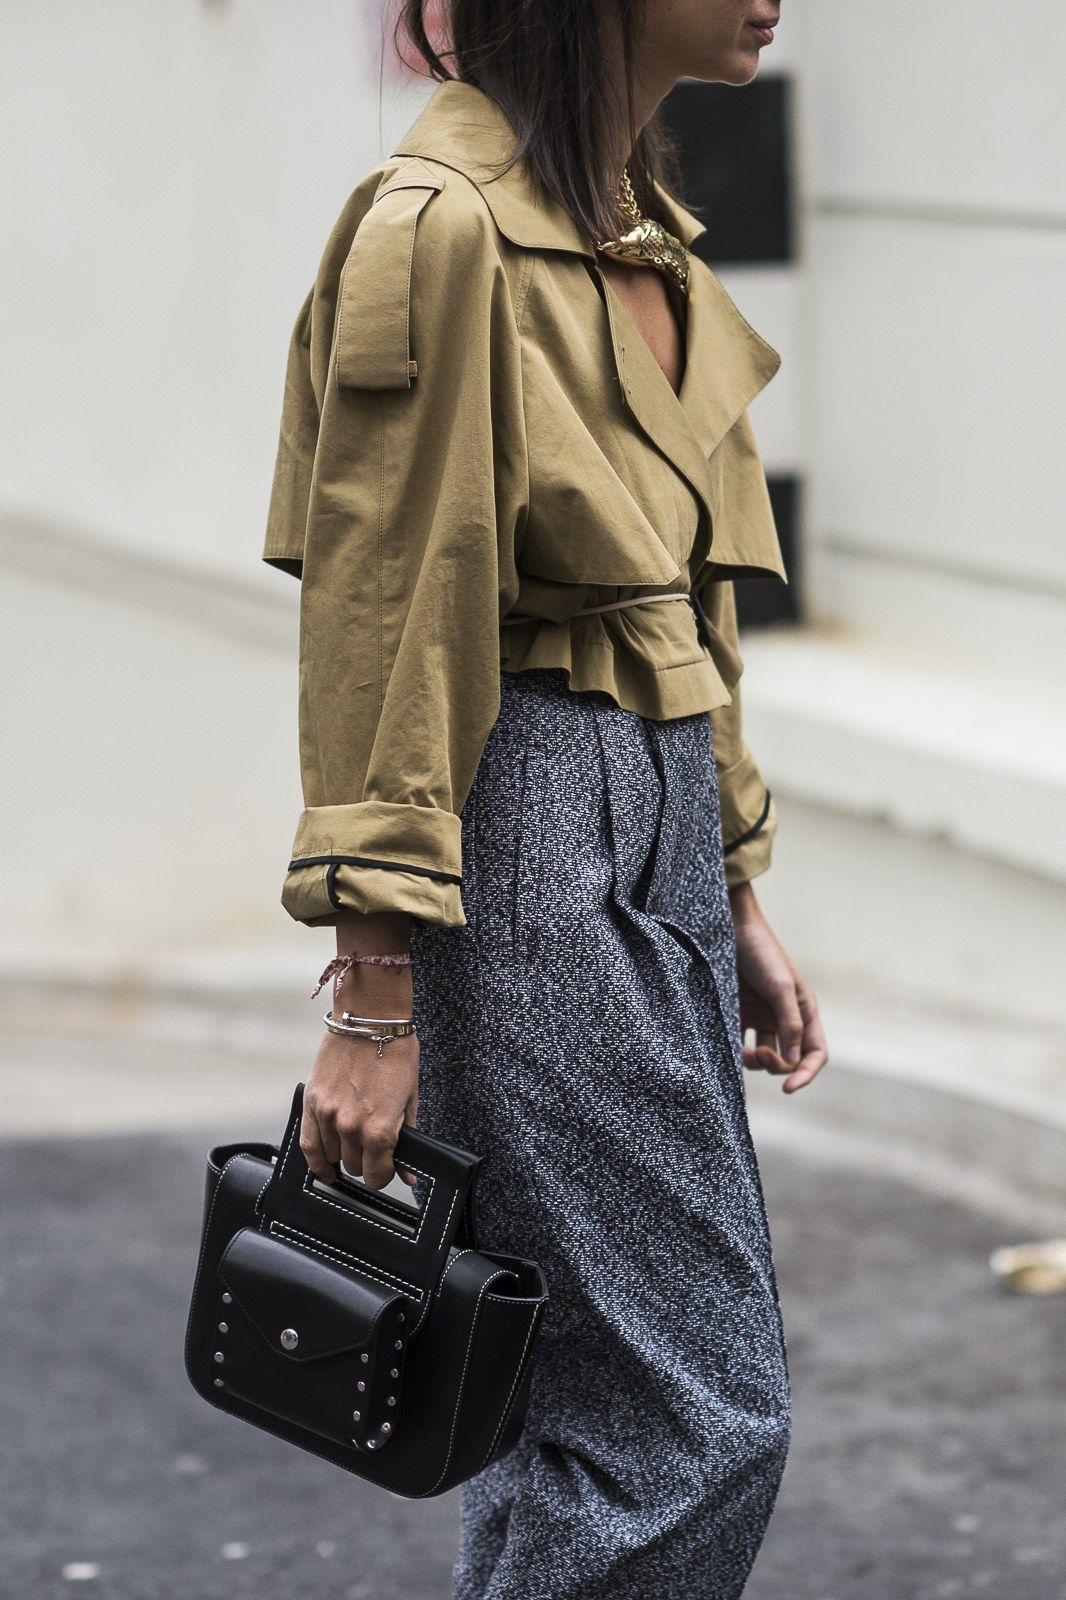 Kış için Şık Sokak Stili Kıyafet Fikirleri